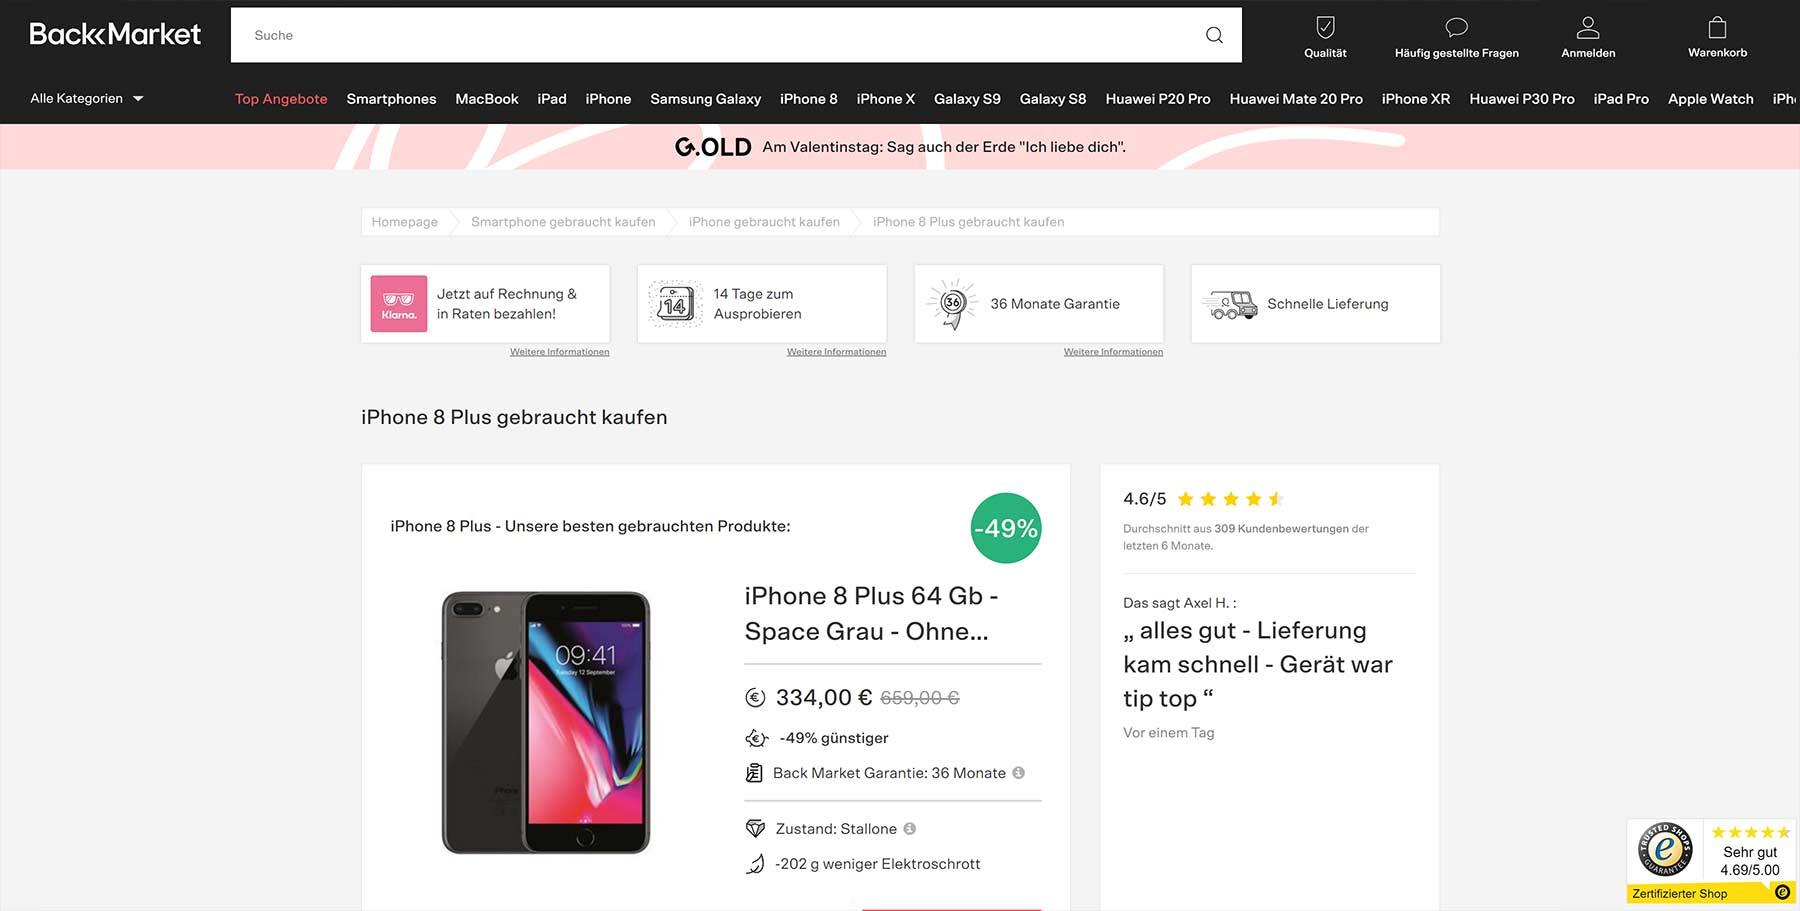 Aufbereitete Produkte statt neu: Beim Elektronik-Kauf richtig sparen iphone-aufbereitet-kaufen_02